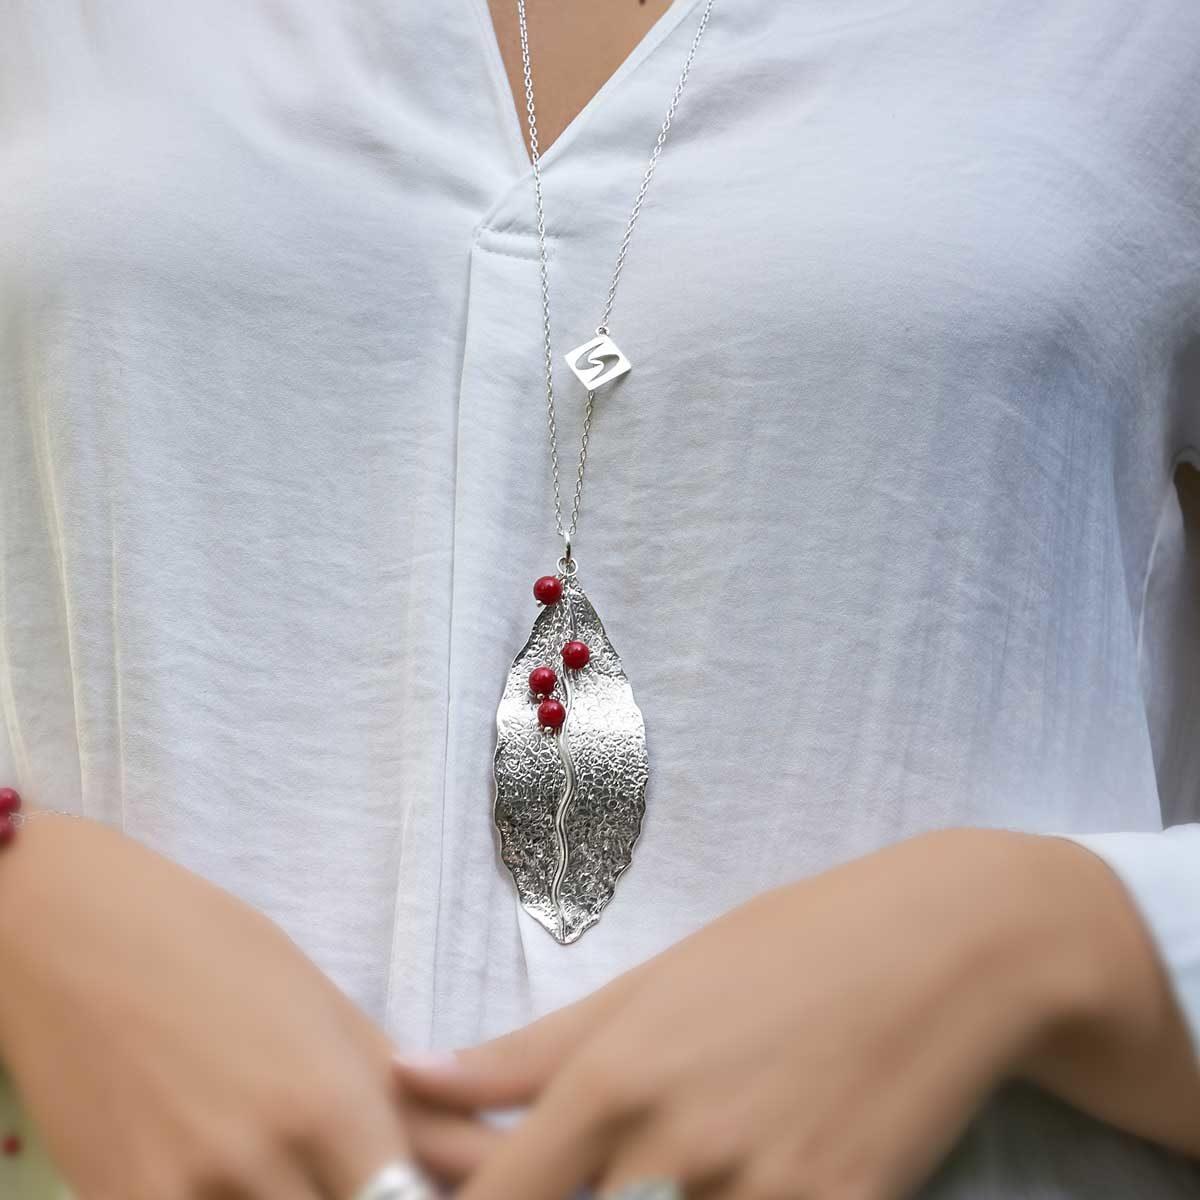 Collar de diseño modelo Natura1, joyería de plata Joyas Siliva.